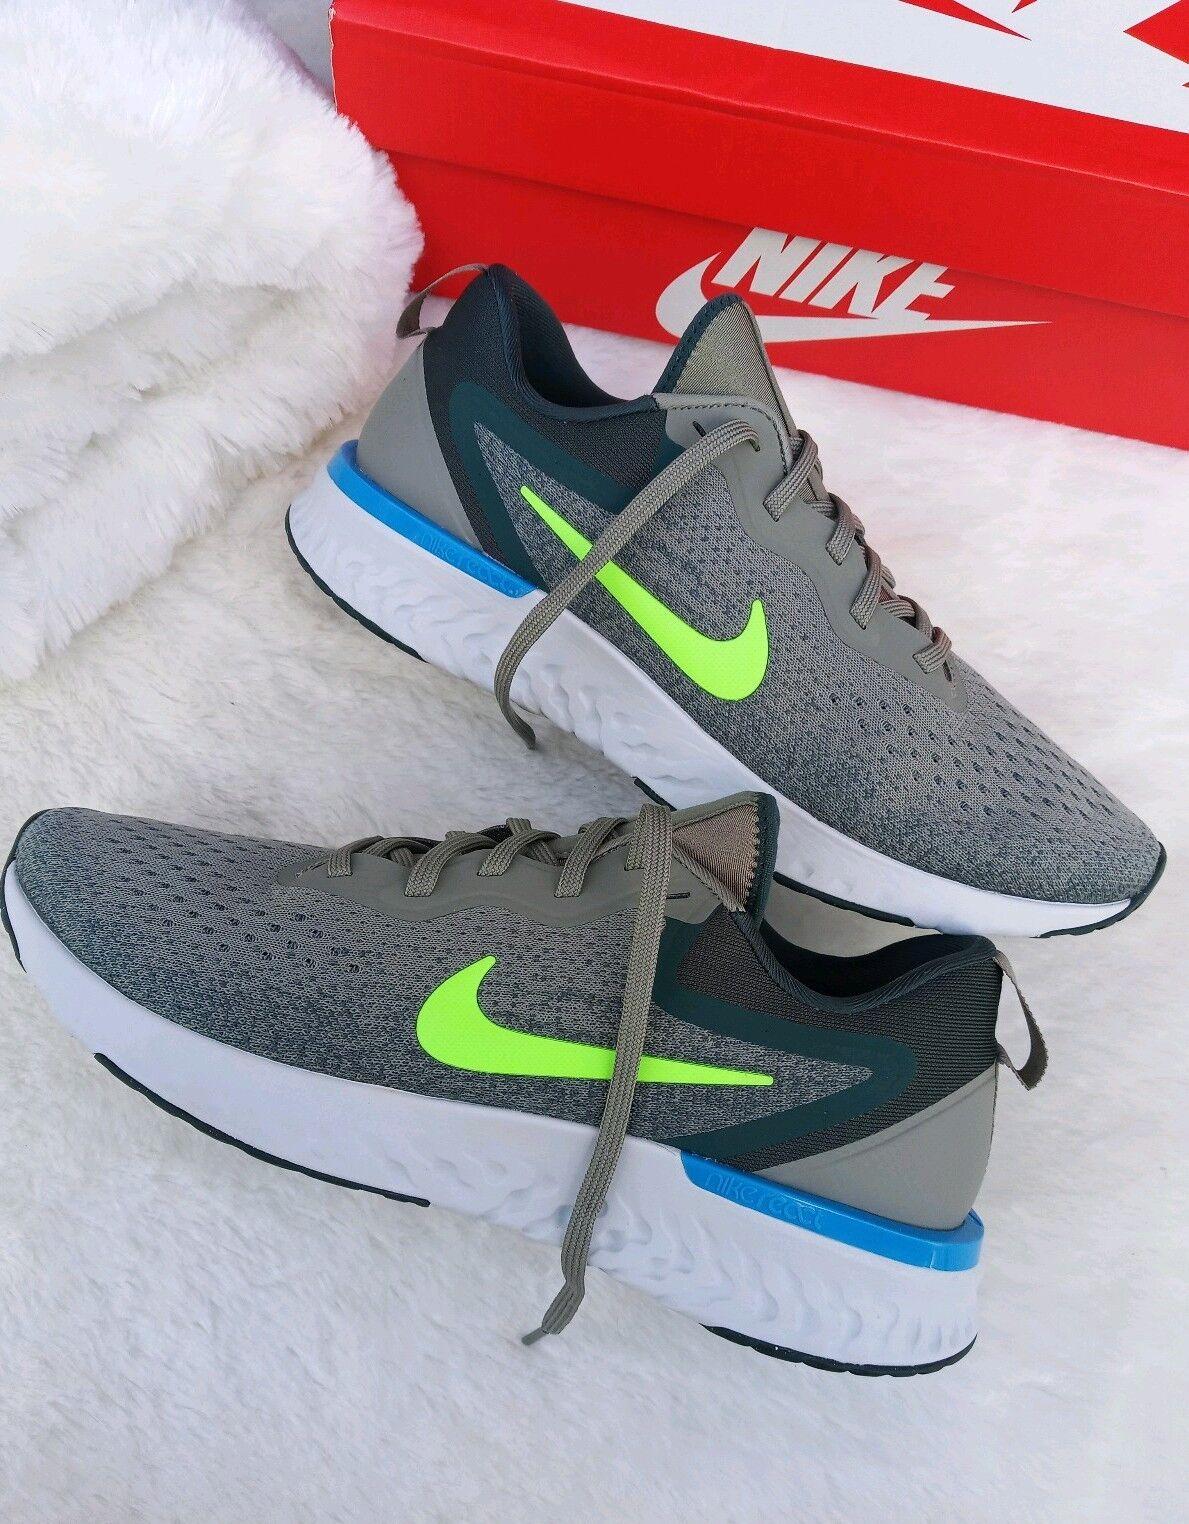 official photos 8d291 0677b 10 para para para Hombre Nike Odyssey A09819 404 reaccionar Correr Casual  Verde Gris Azul 2018